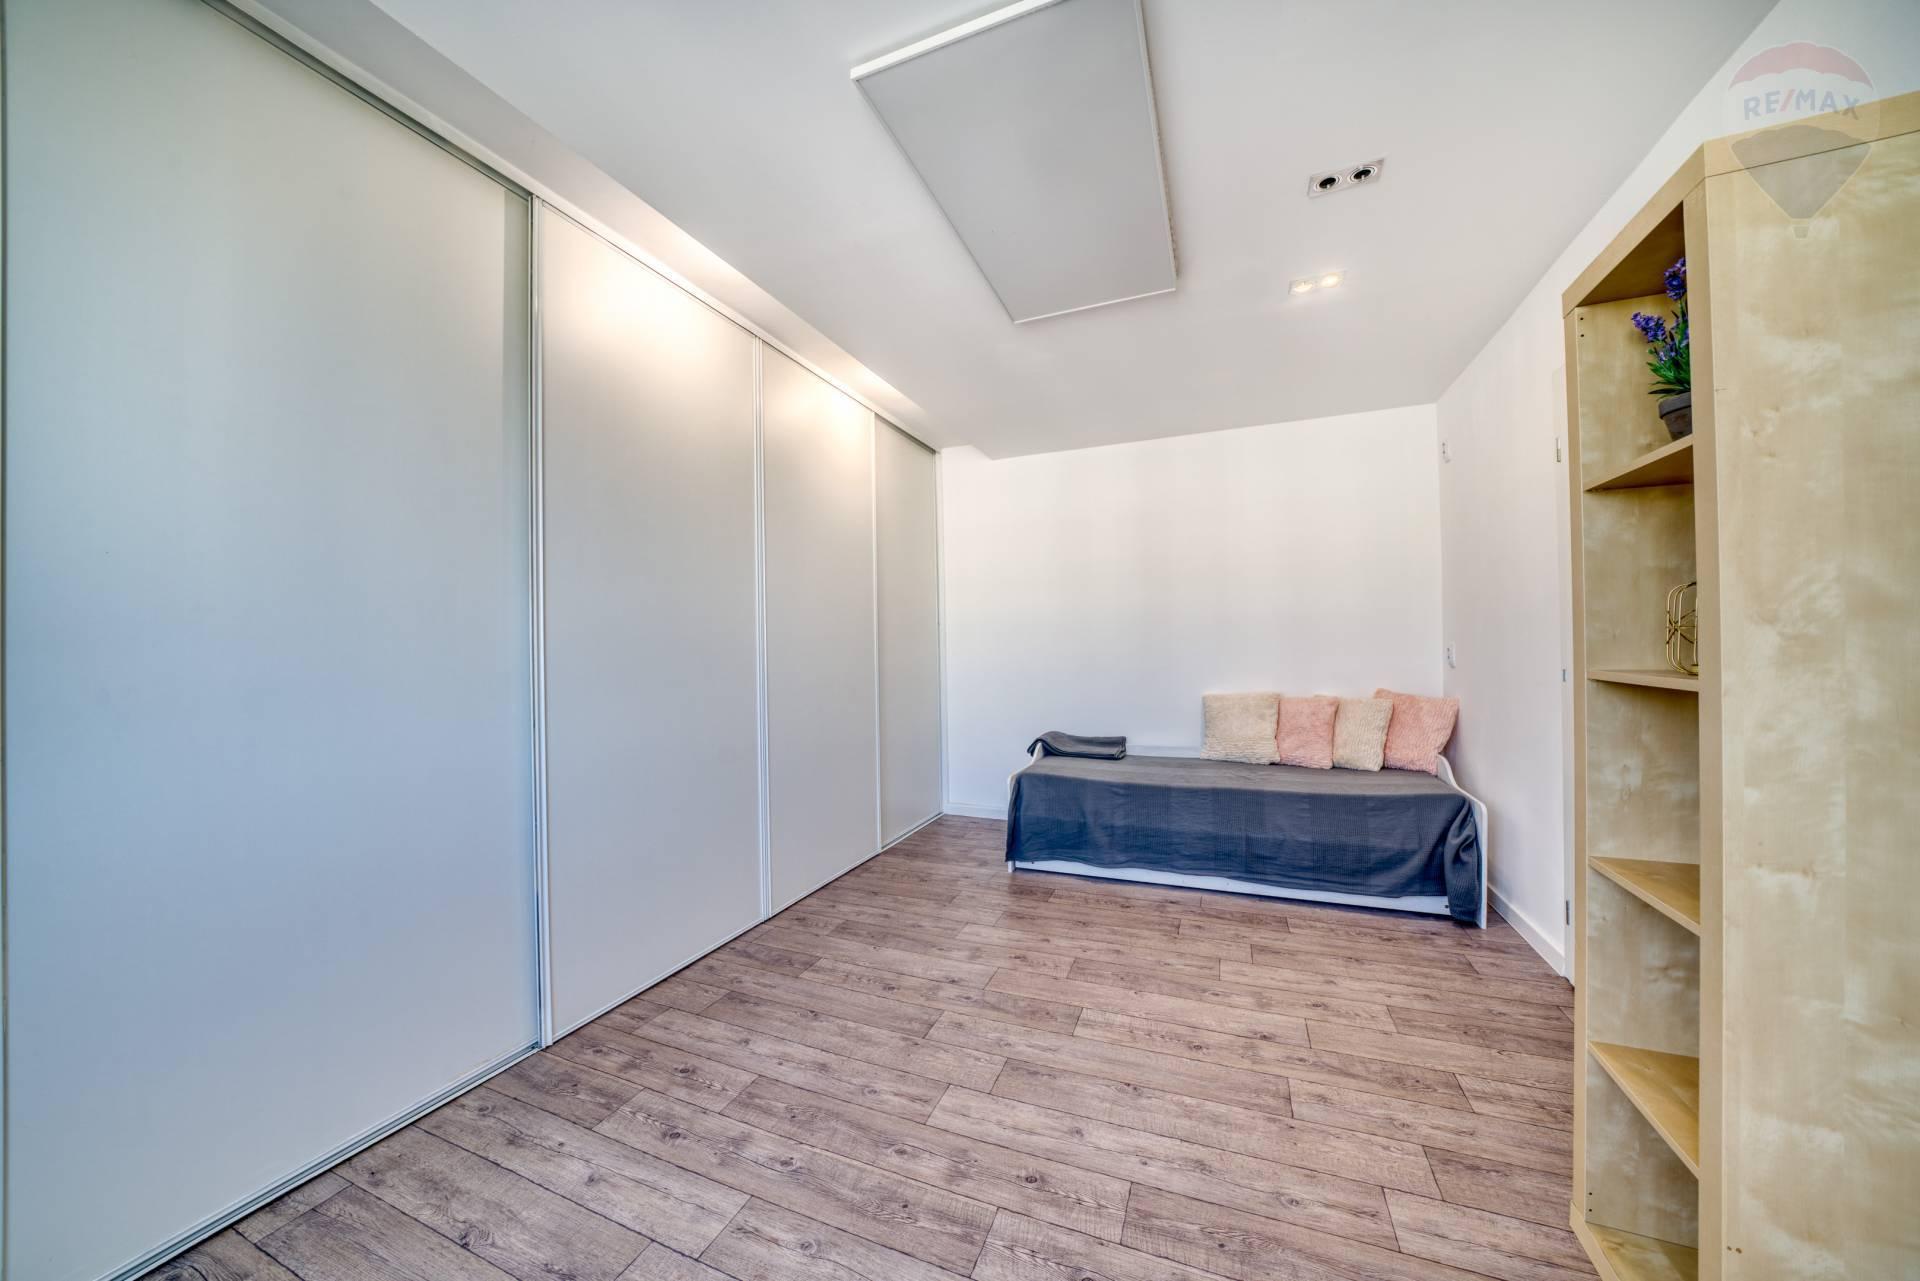 Predaj bytu (3 izbový) 67 m2, Prešov - Kompletne zrekonštruovaný 3 izbový byt s veľkou terasou